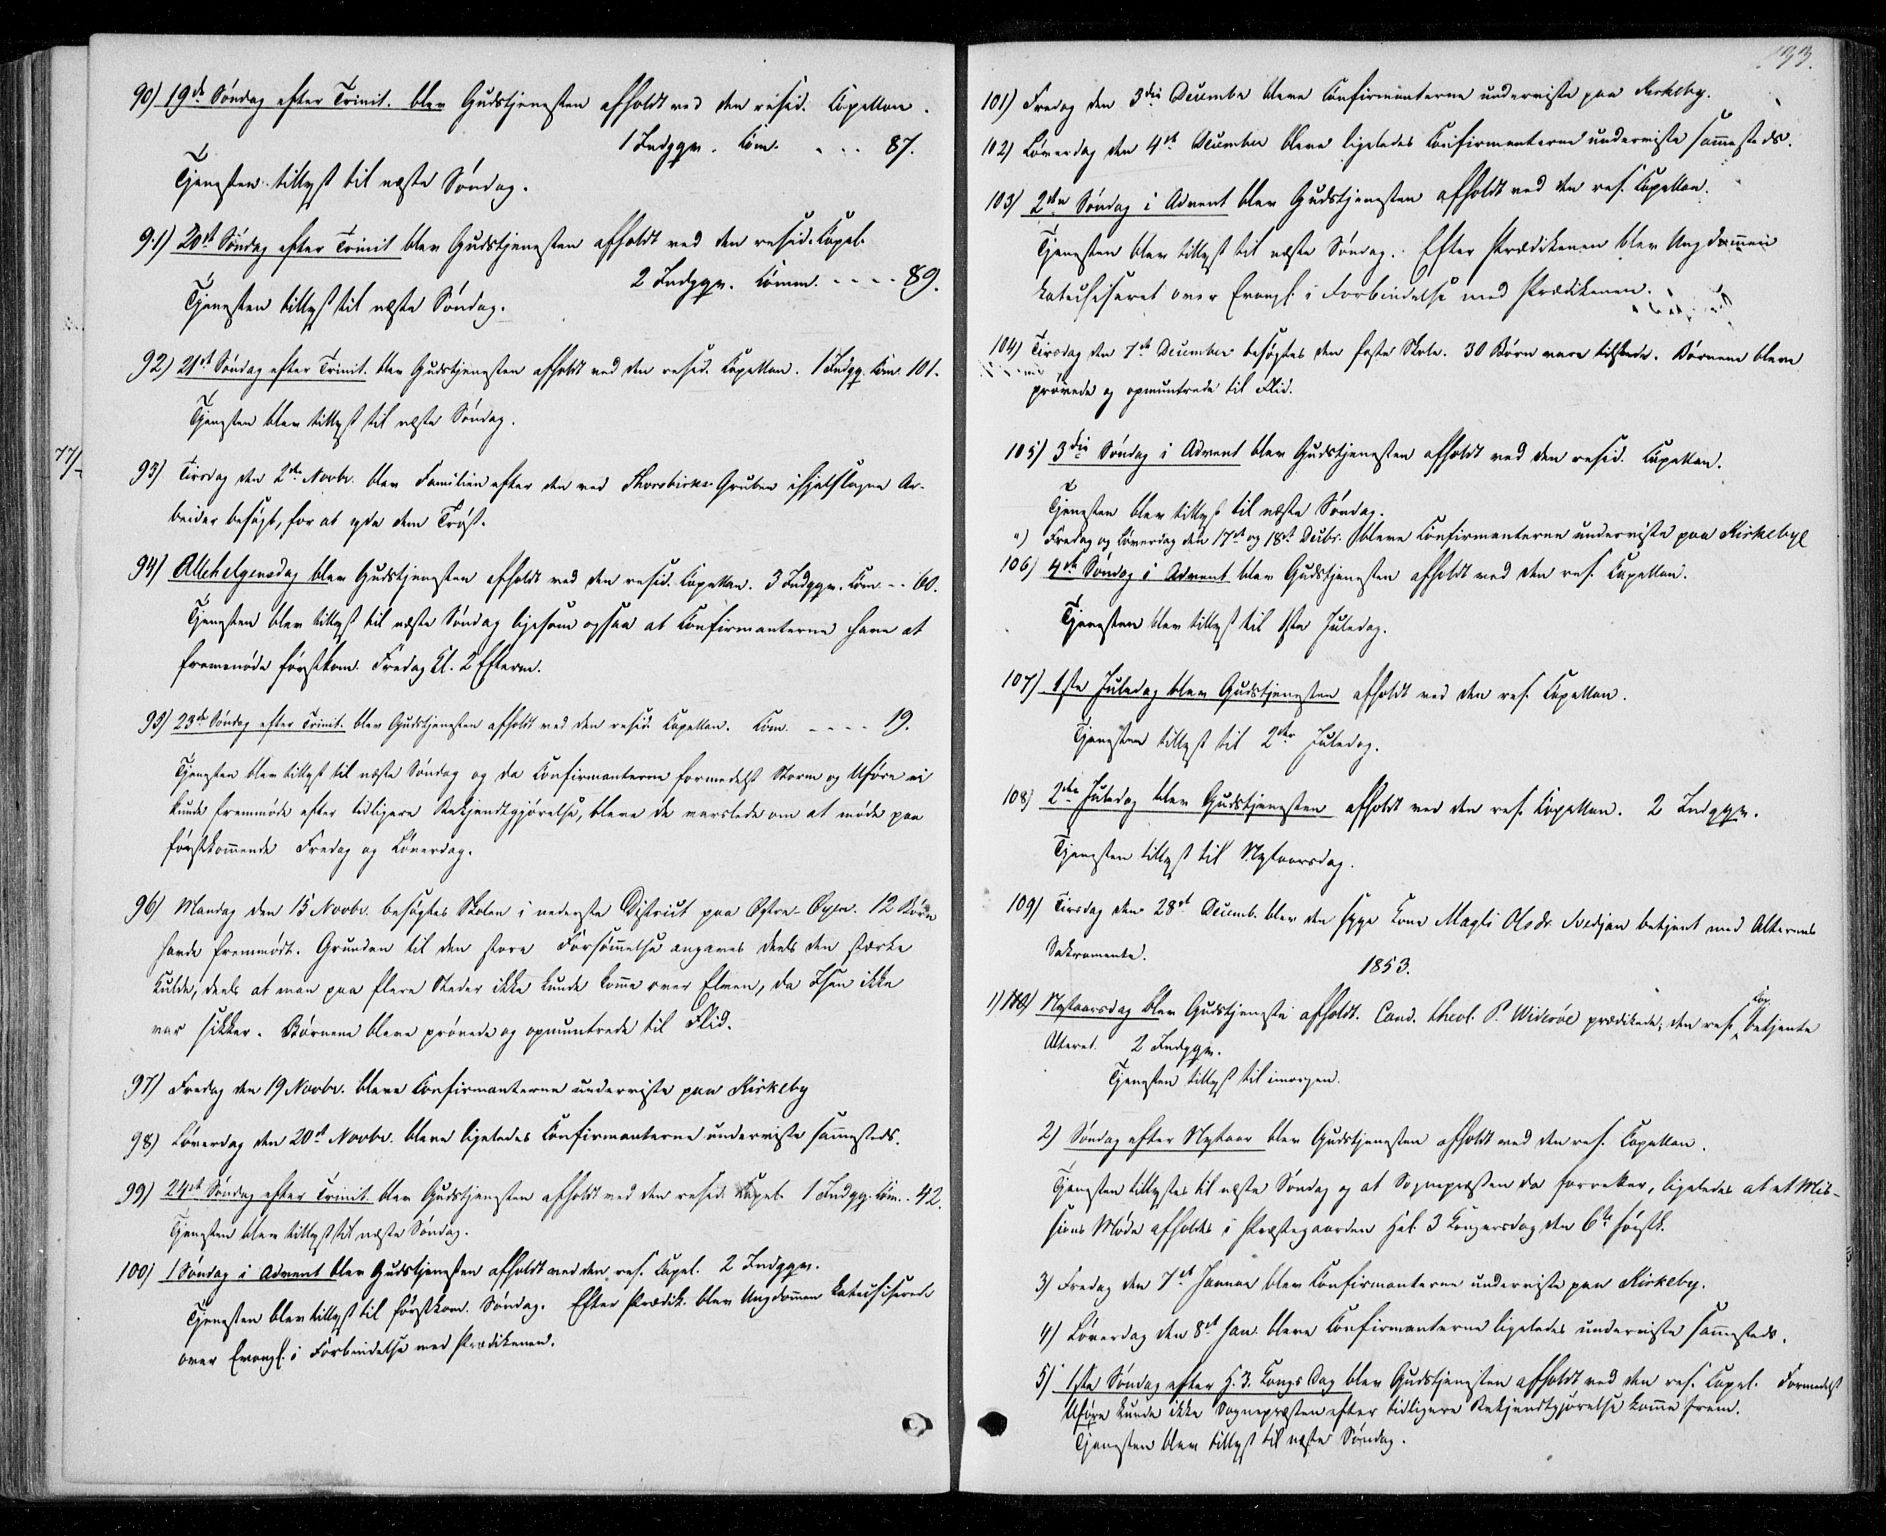 SAT, Ministerialprotokoller, klokkerbøker og fødselsregistre - Nord-Trøndelag, 706/L0040: Parish register (official) no. 706A01, 1850-1861, p. 133